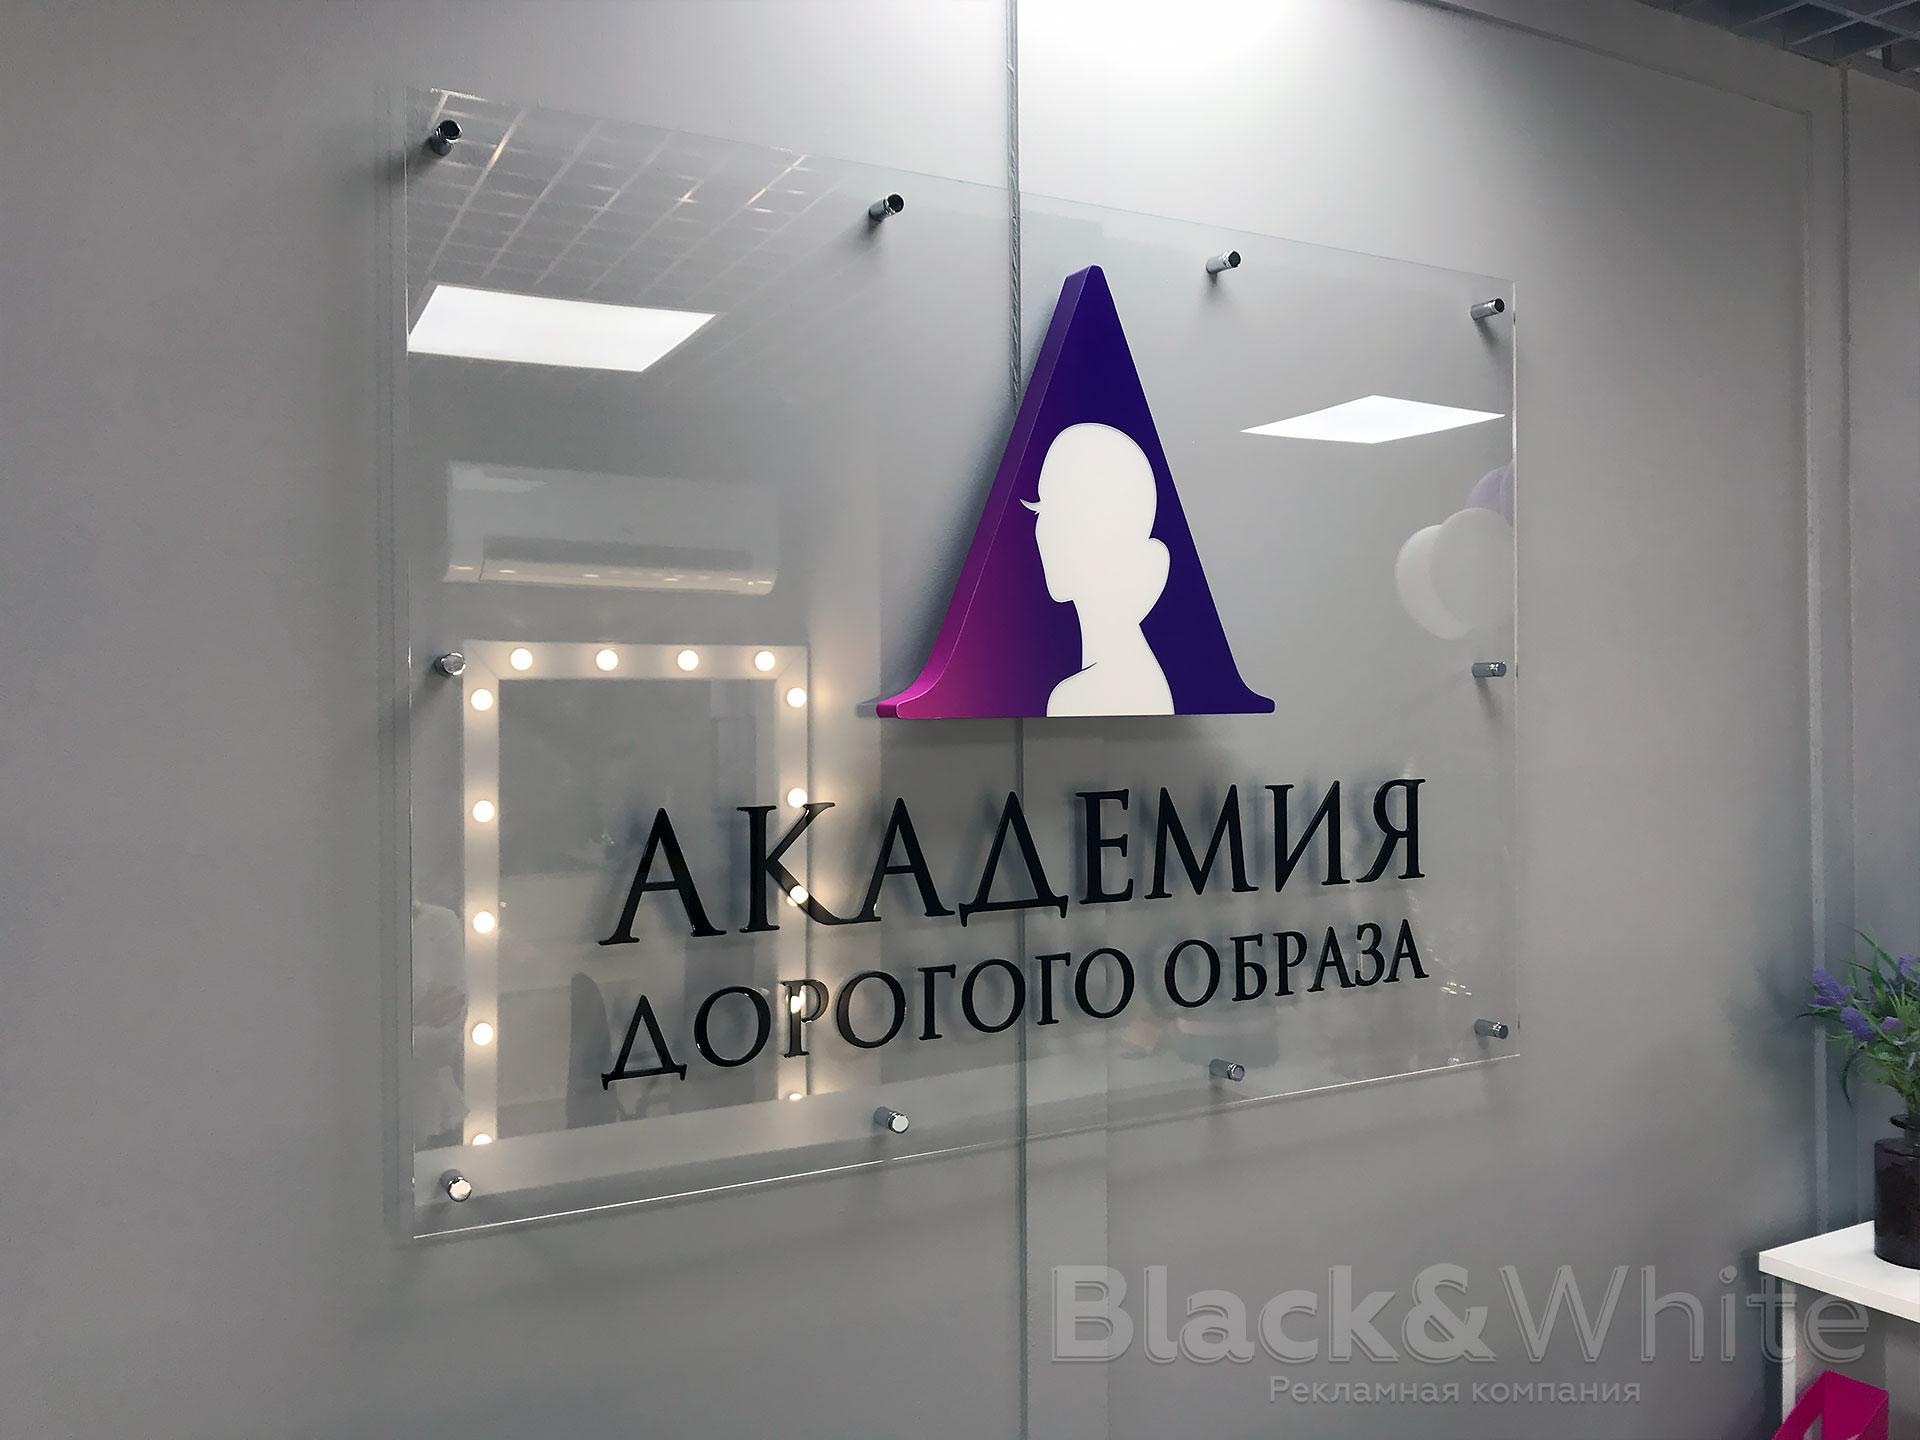 Интерьерная-вывеска-на-ресепшн-Академия-дорогого-образа-Black&White.jpg